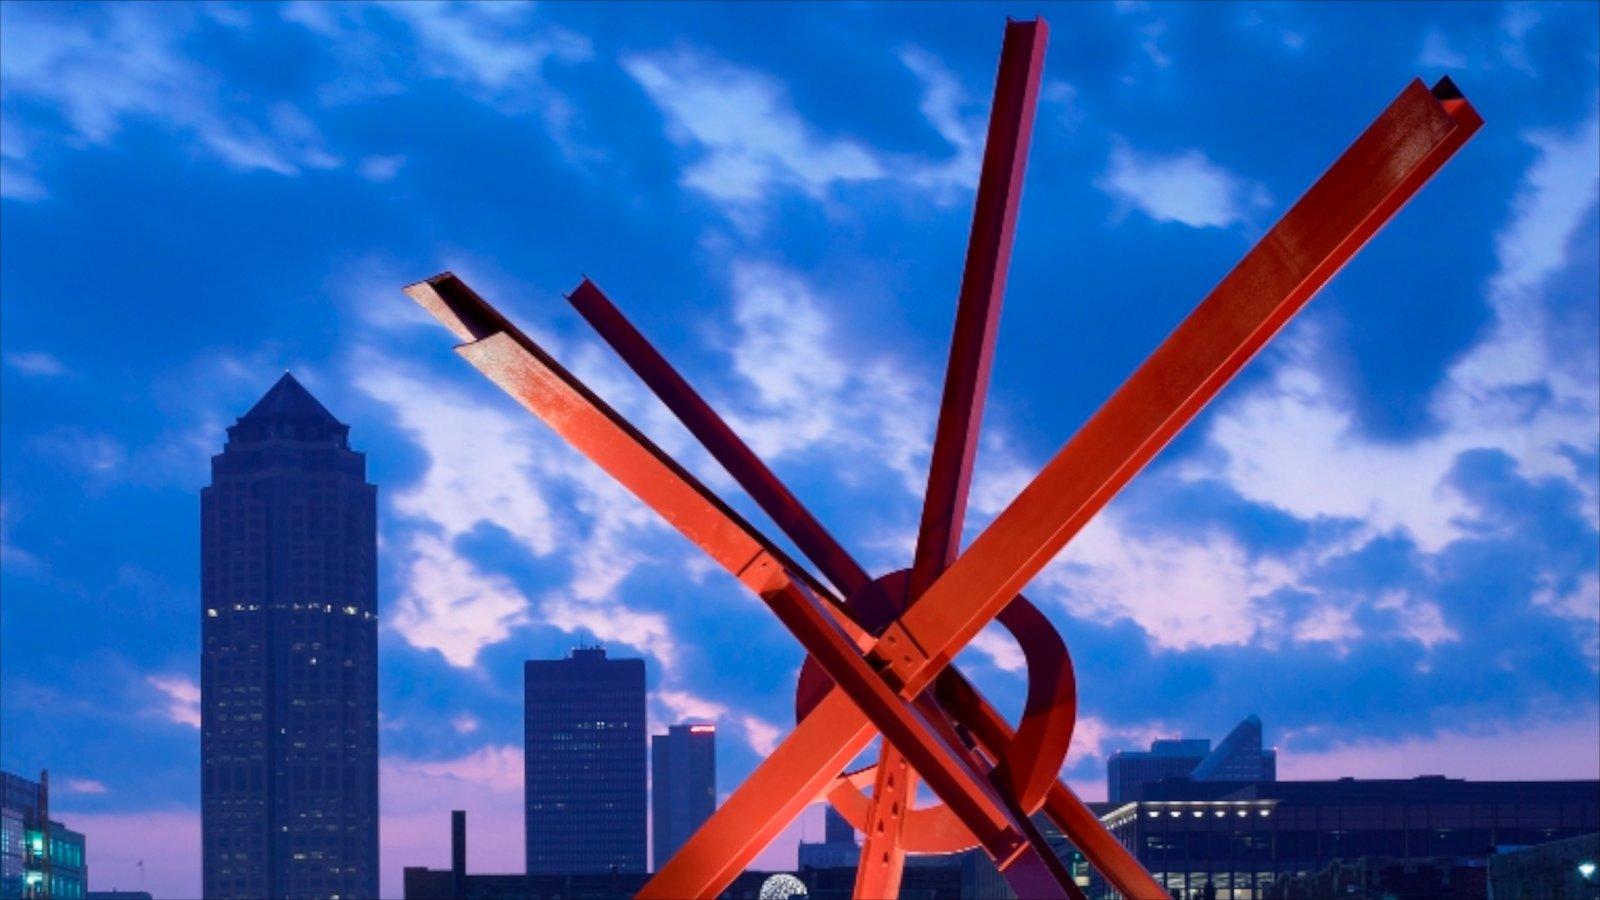 Des Moines ofreciendo una ciudad, horizonte y arquitectura moderna